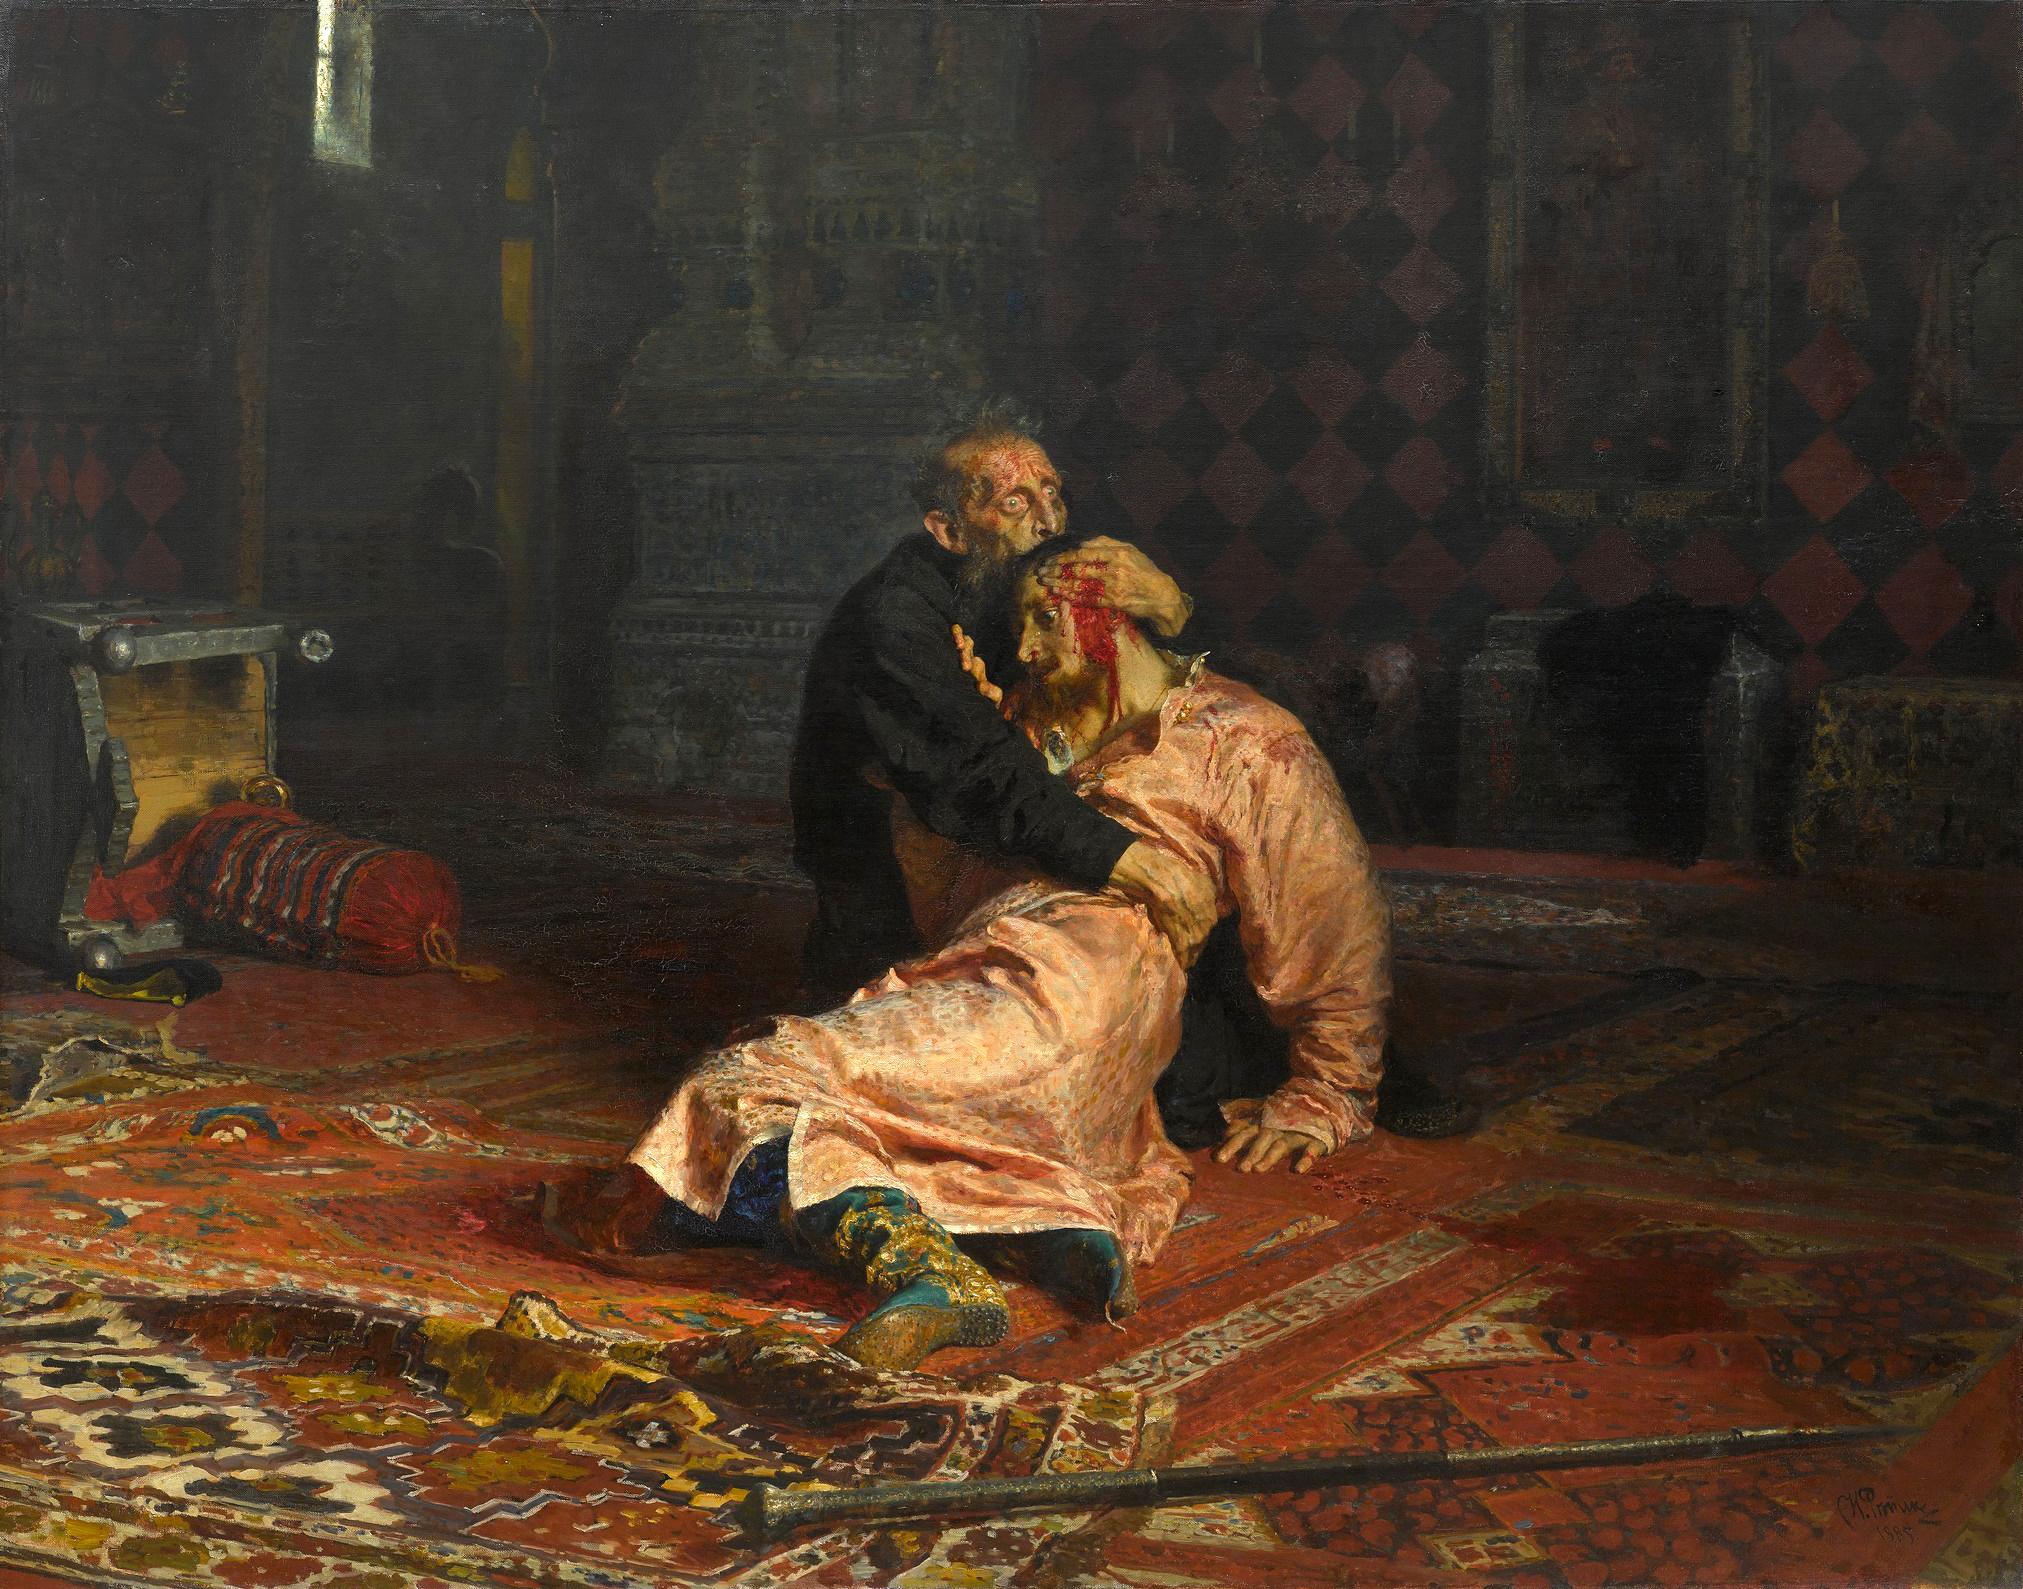 Ivan le Terrible tue son fils -  Ilia Répine, 1885